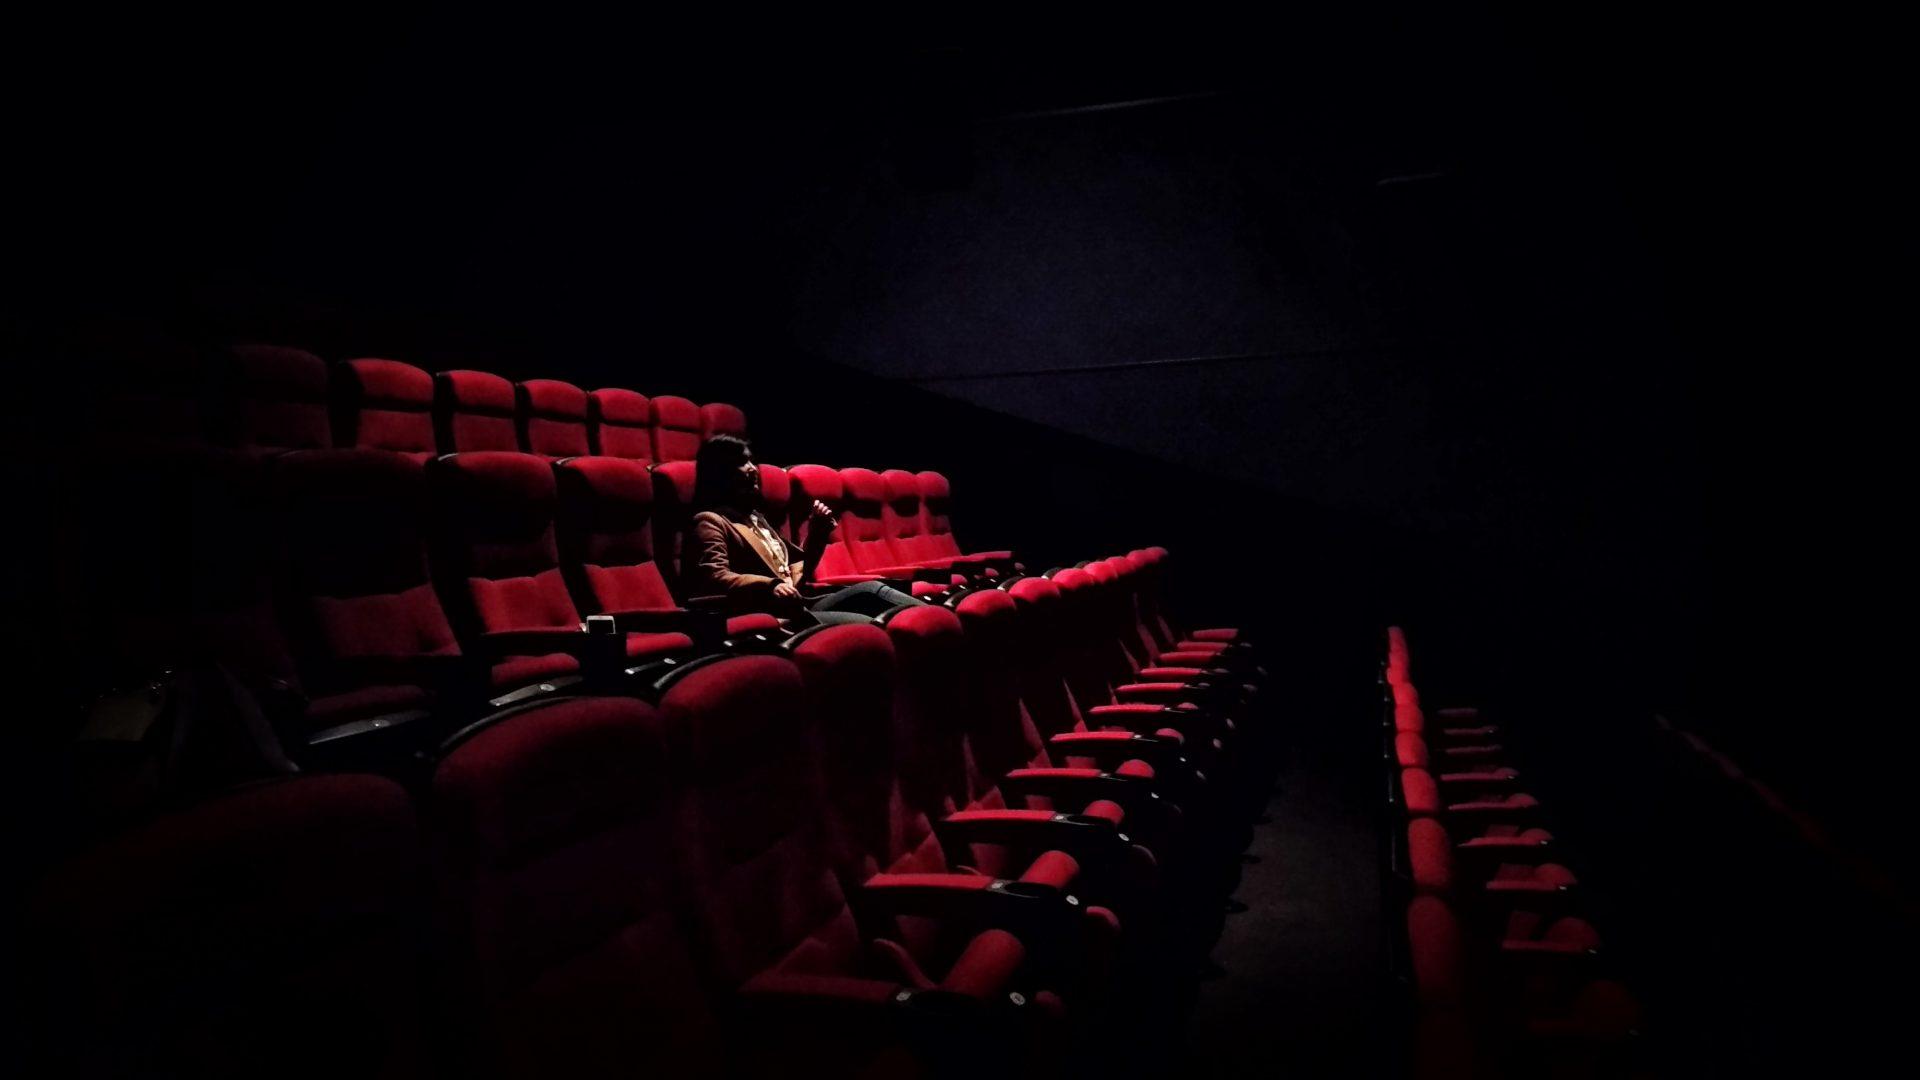 Les salles de cinéma se relèveront-elles de la pandémie?